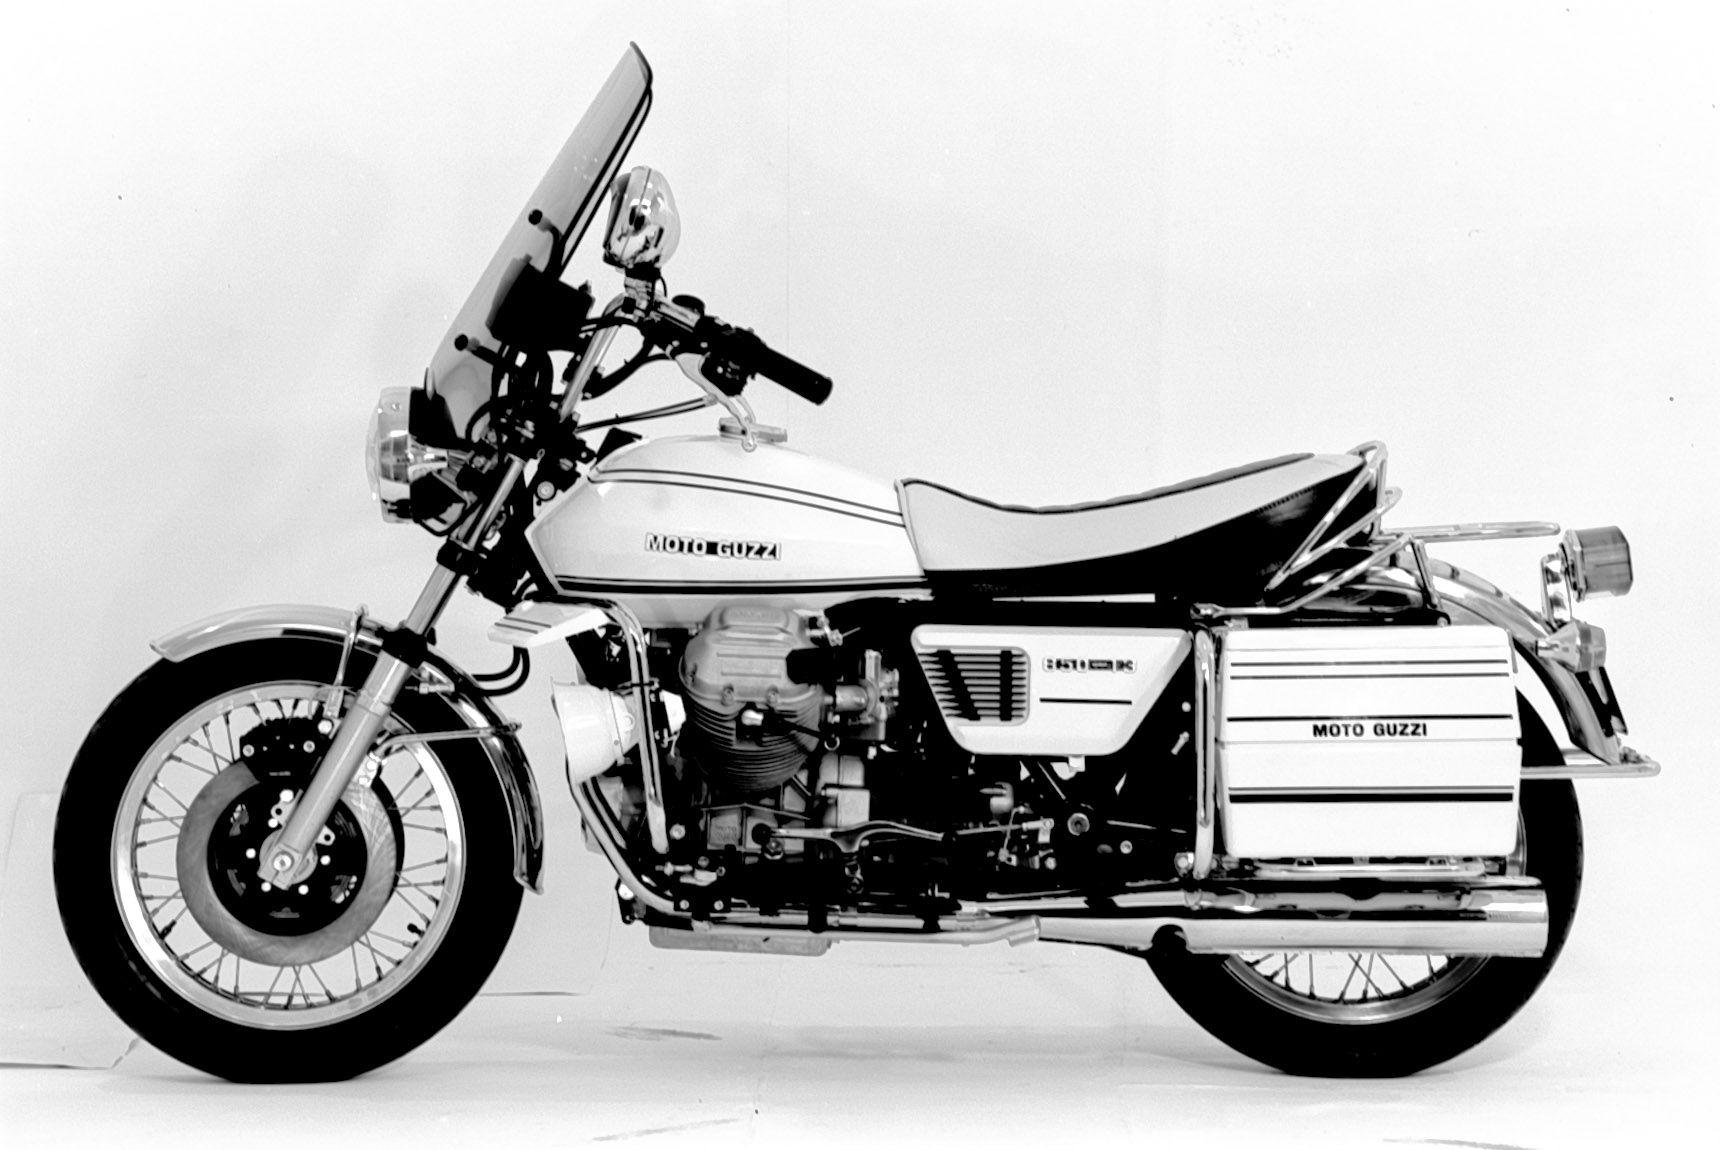 moto guzzi 850 t3 1974